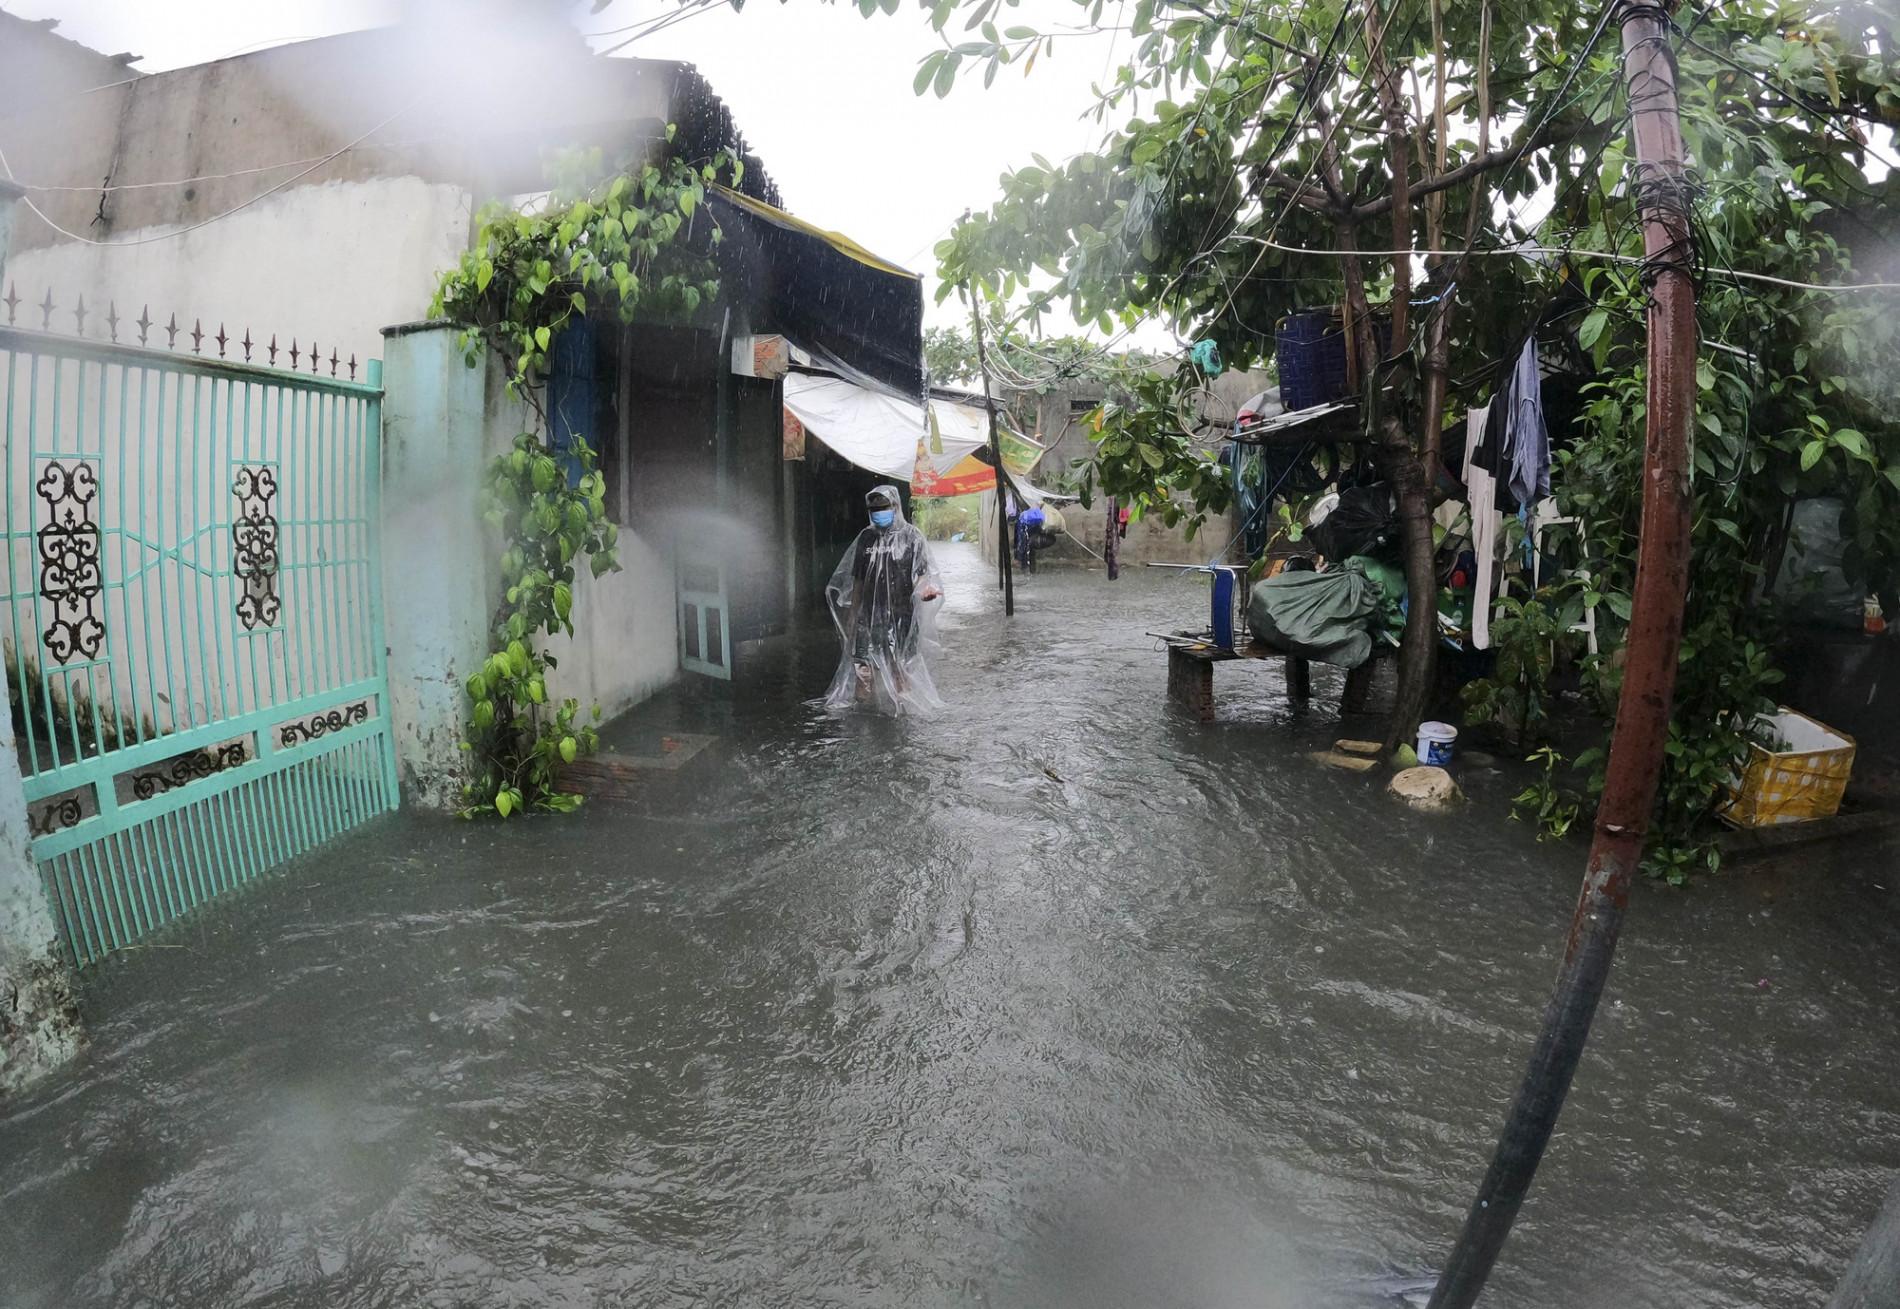 Đà Nẵng: Khu dân cư ngập sâu, nhiều người phải bồng con đi gửi nhờ - Ảnh 10.